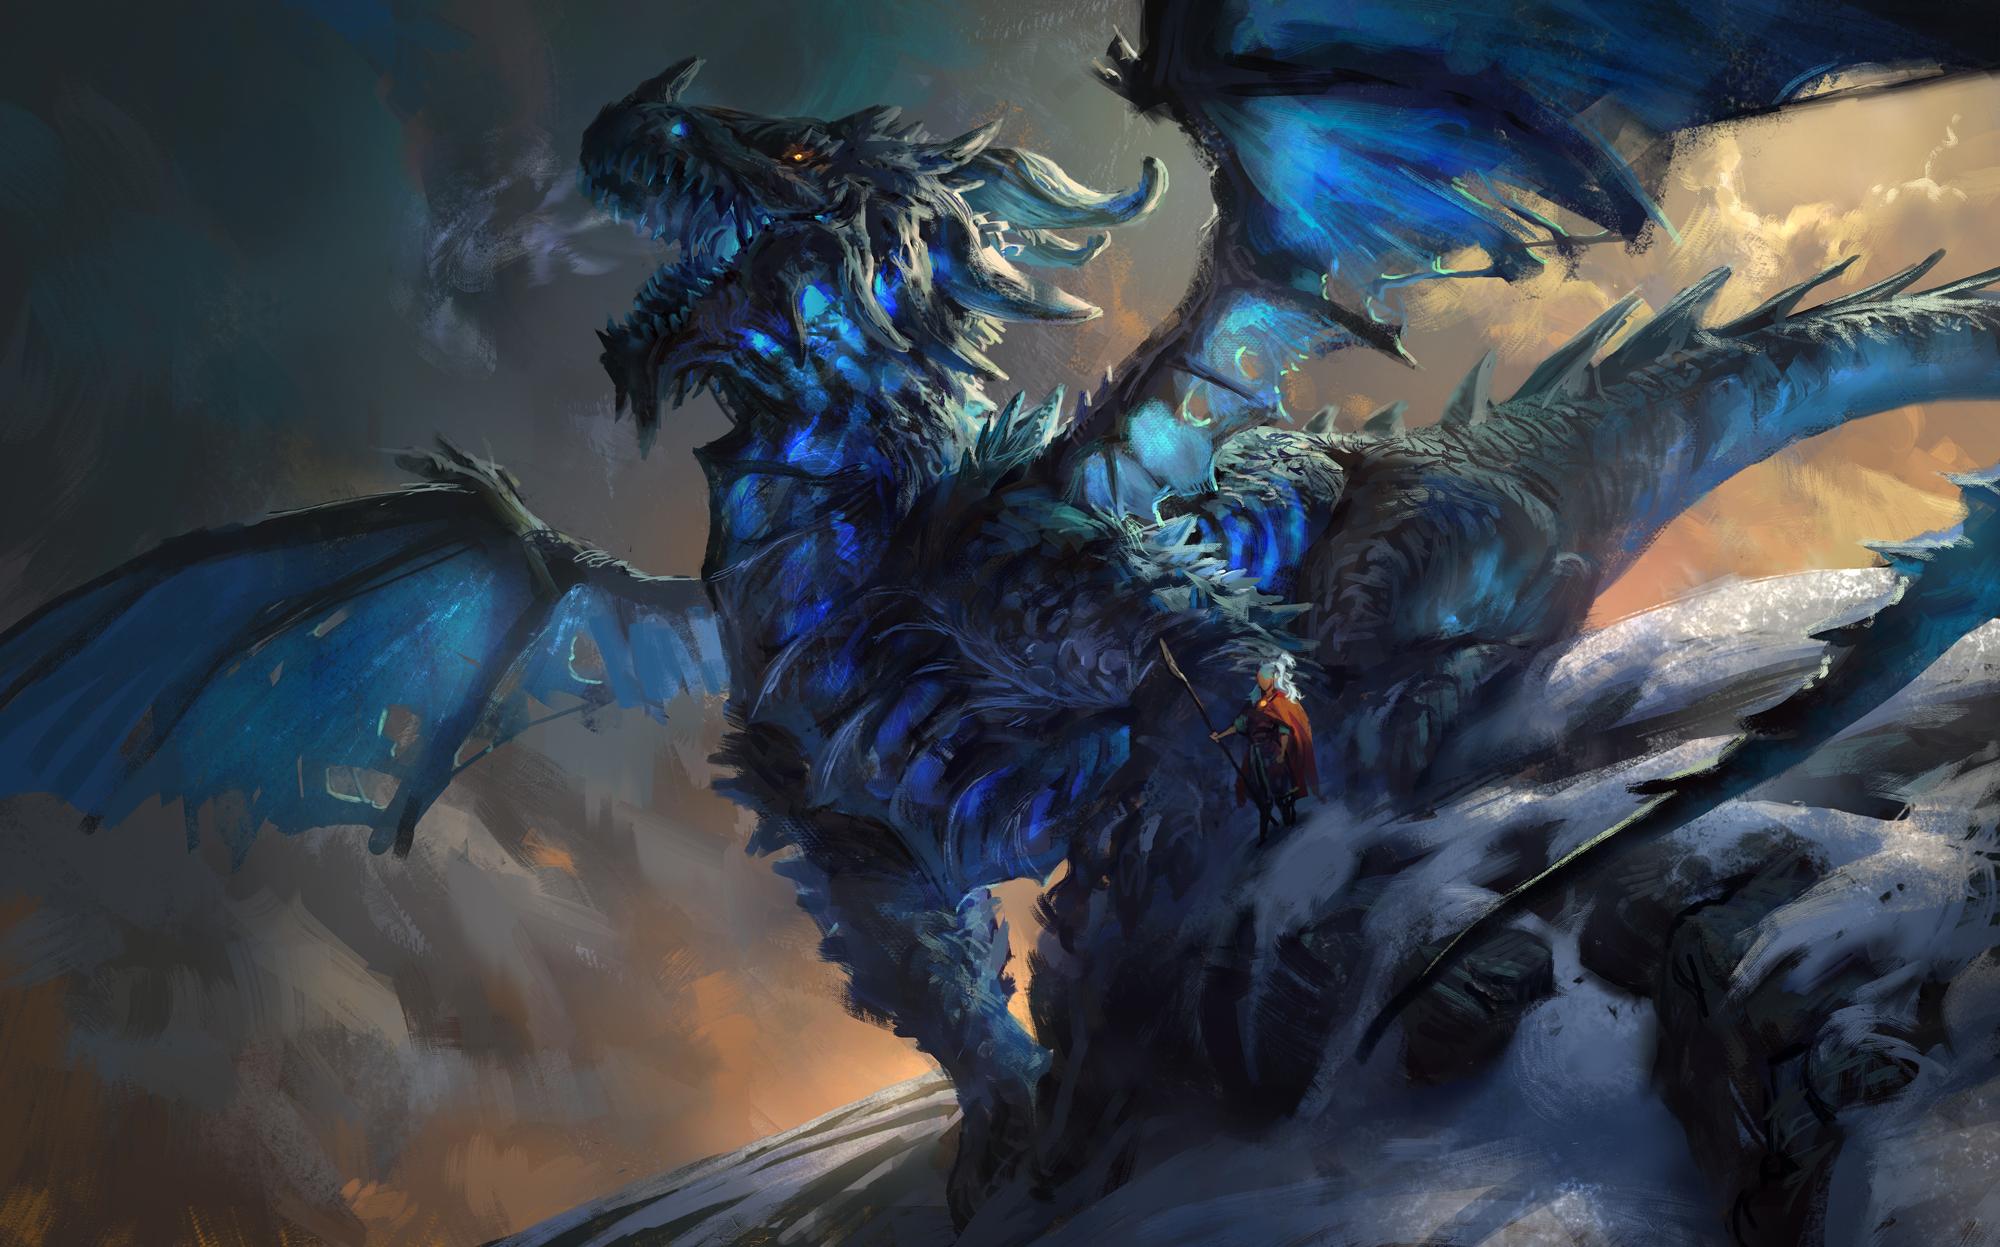 Astolfo the Ice Dragon by MikeAzevedo 2000x1247